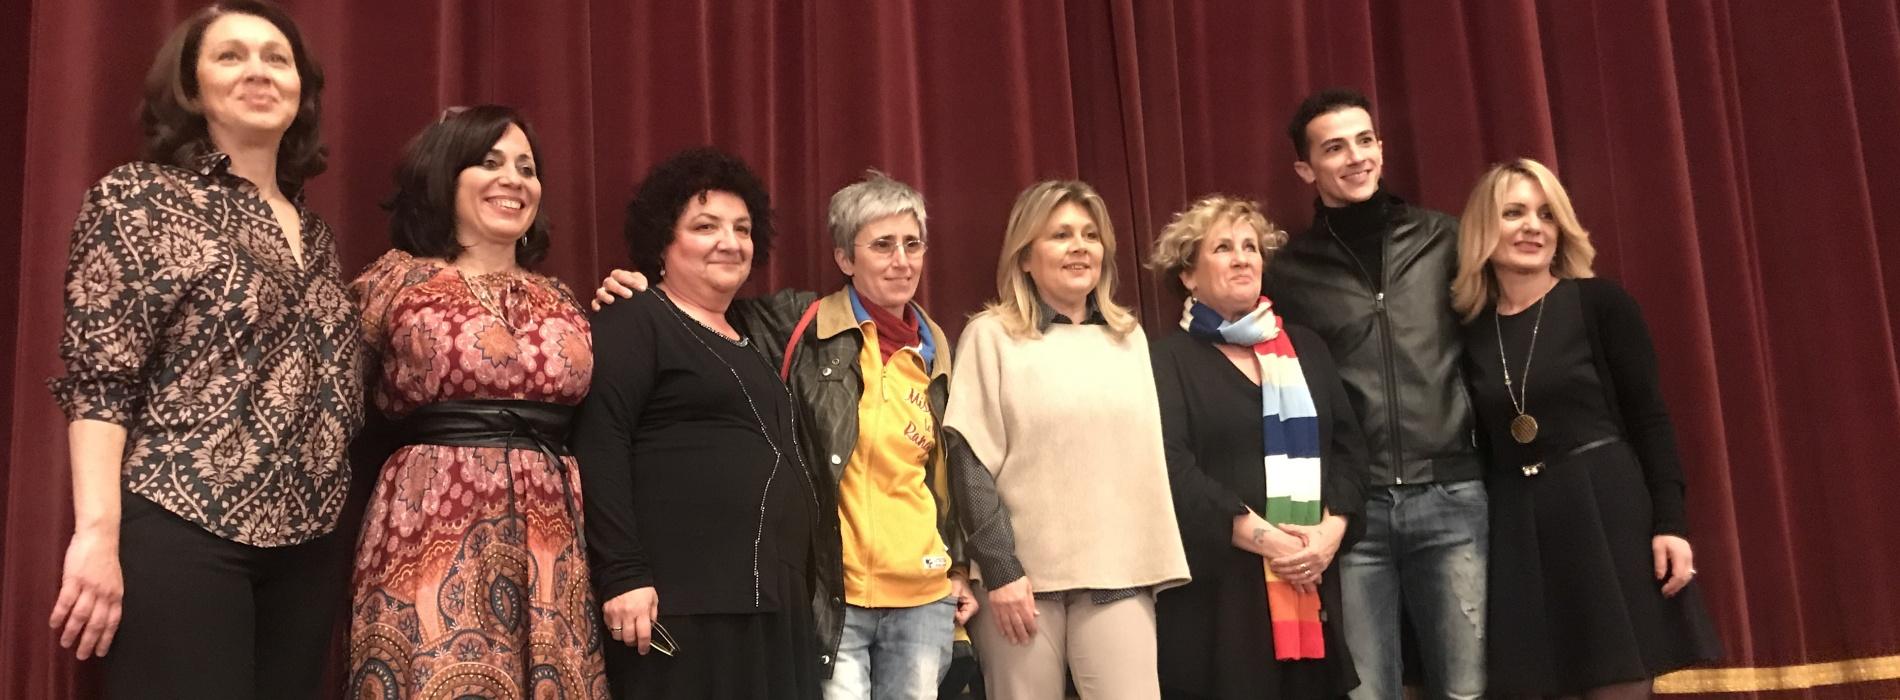 Al Comunale per l'Otto Marzo tra danza, teatro e parole